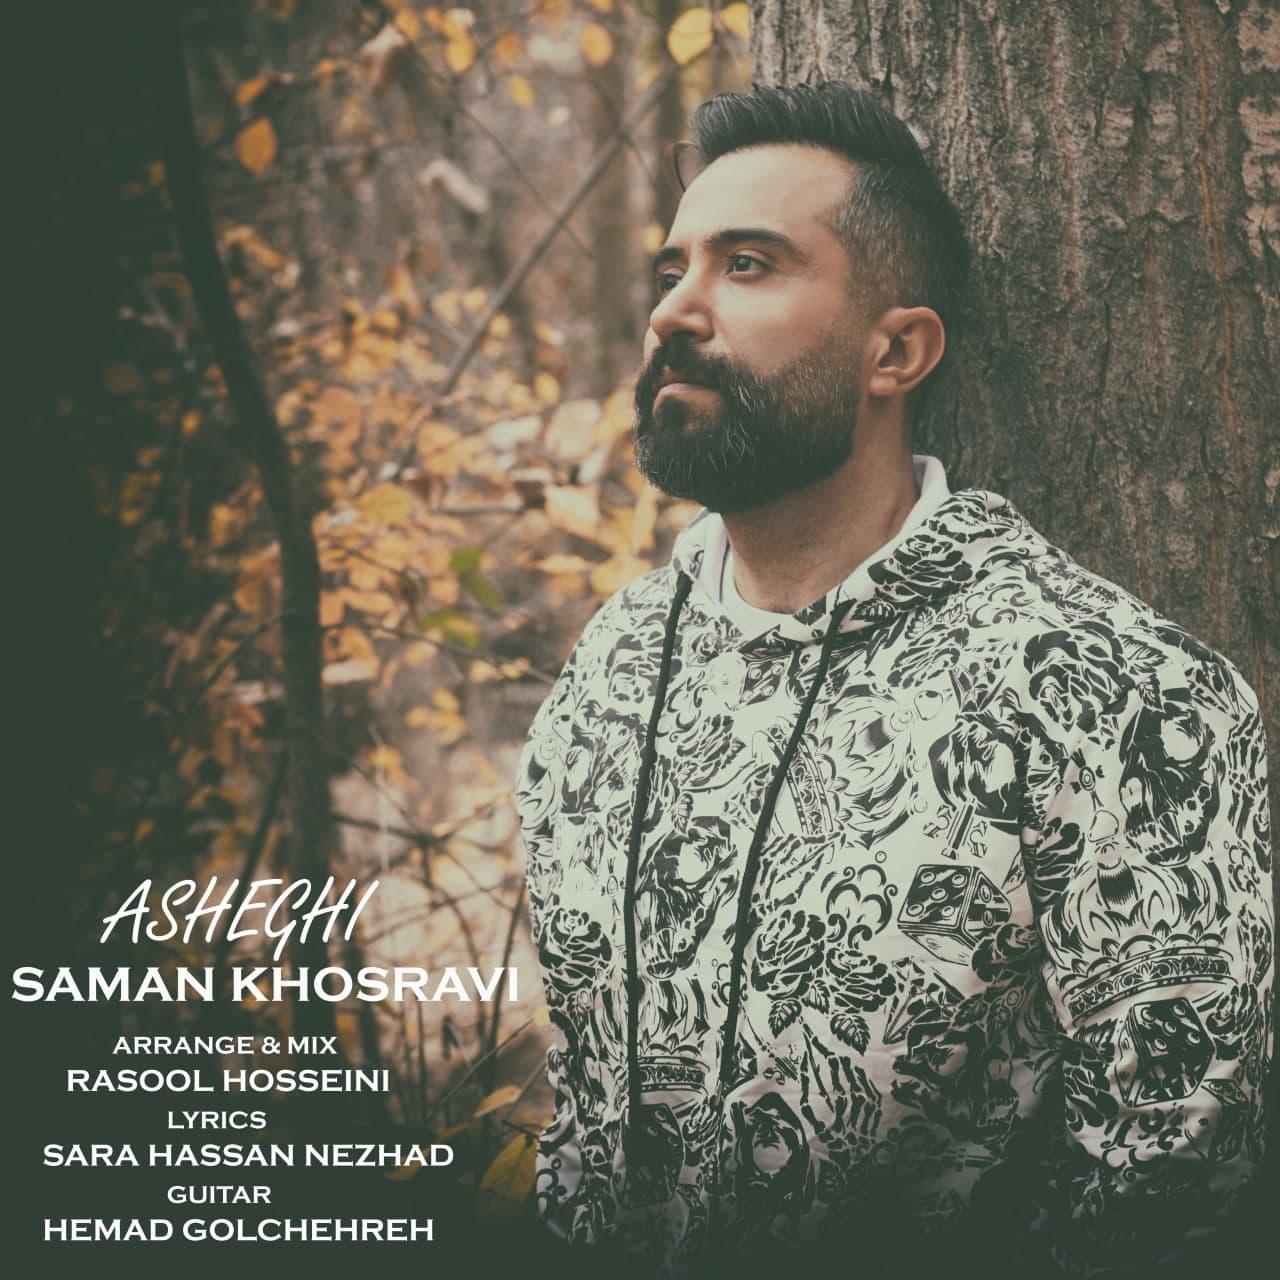 Saman Khosravi – Asheghi